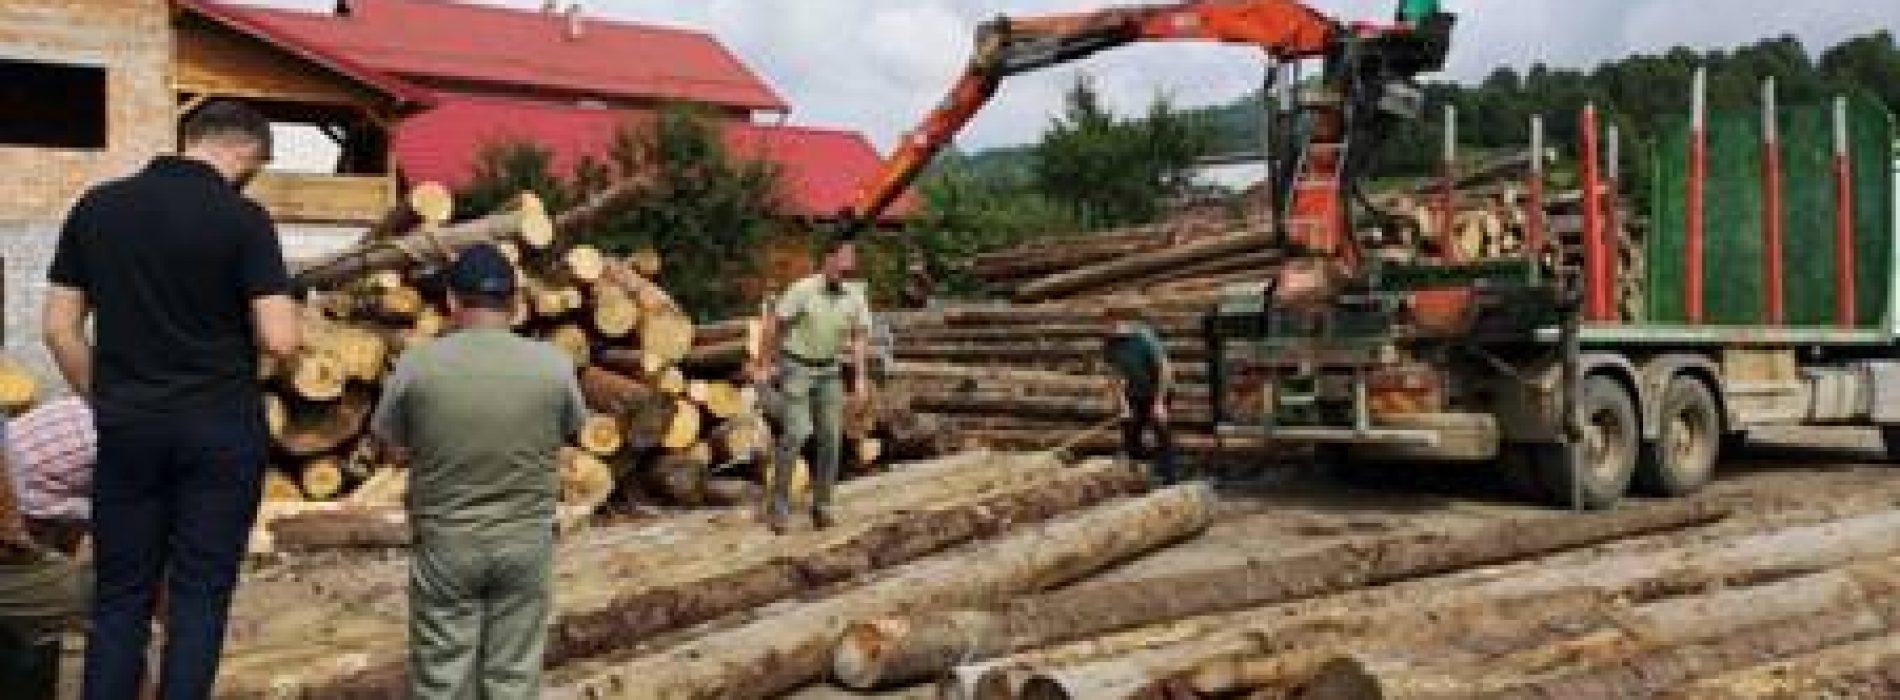 LEMNE de aproape 6 MILIARDE lei vechi, CONFISCATE în 5 zile în Maramureș. La confiscarea celor 2.400 mc de lemne au participat POLIȚIȘTI din 13 județe